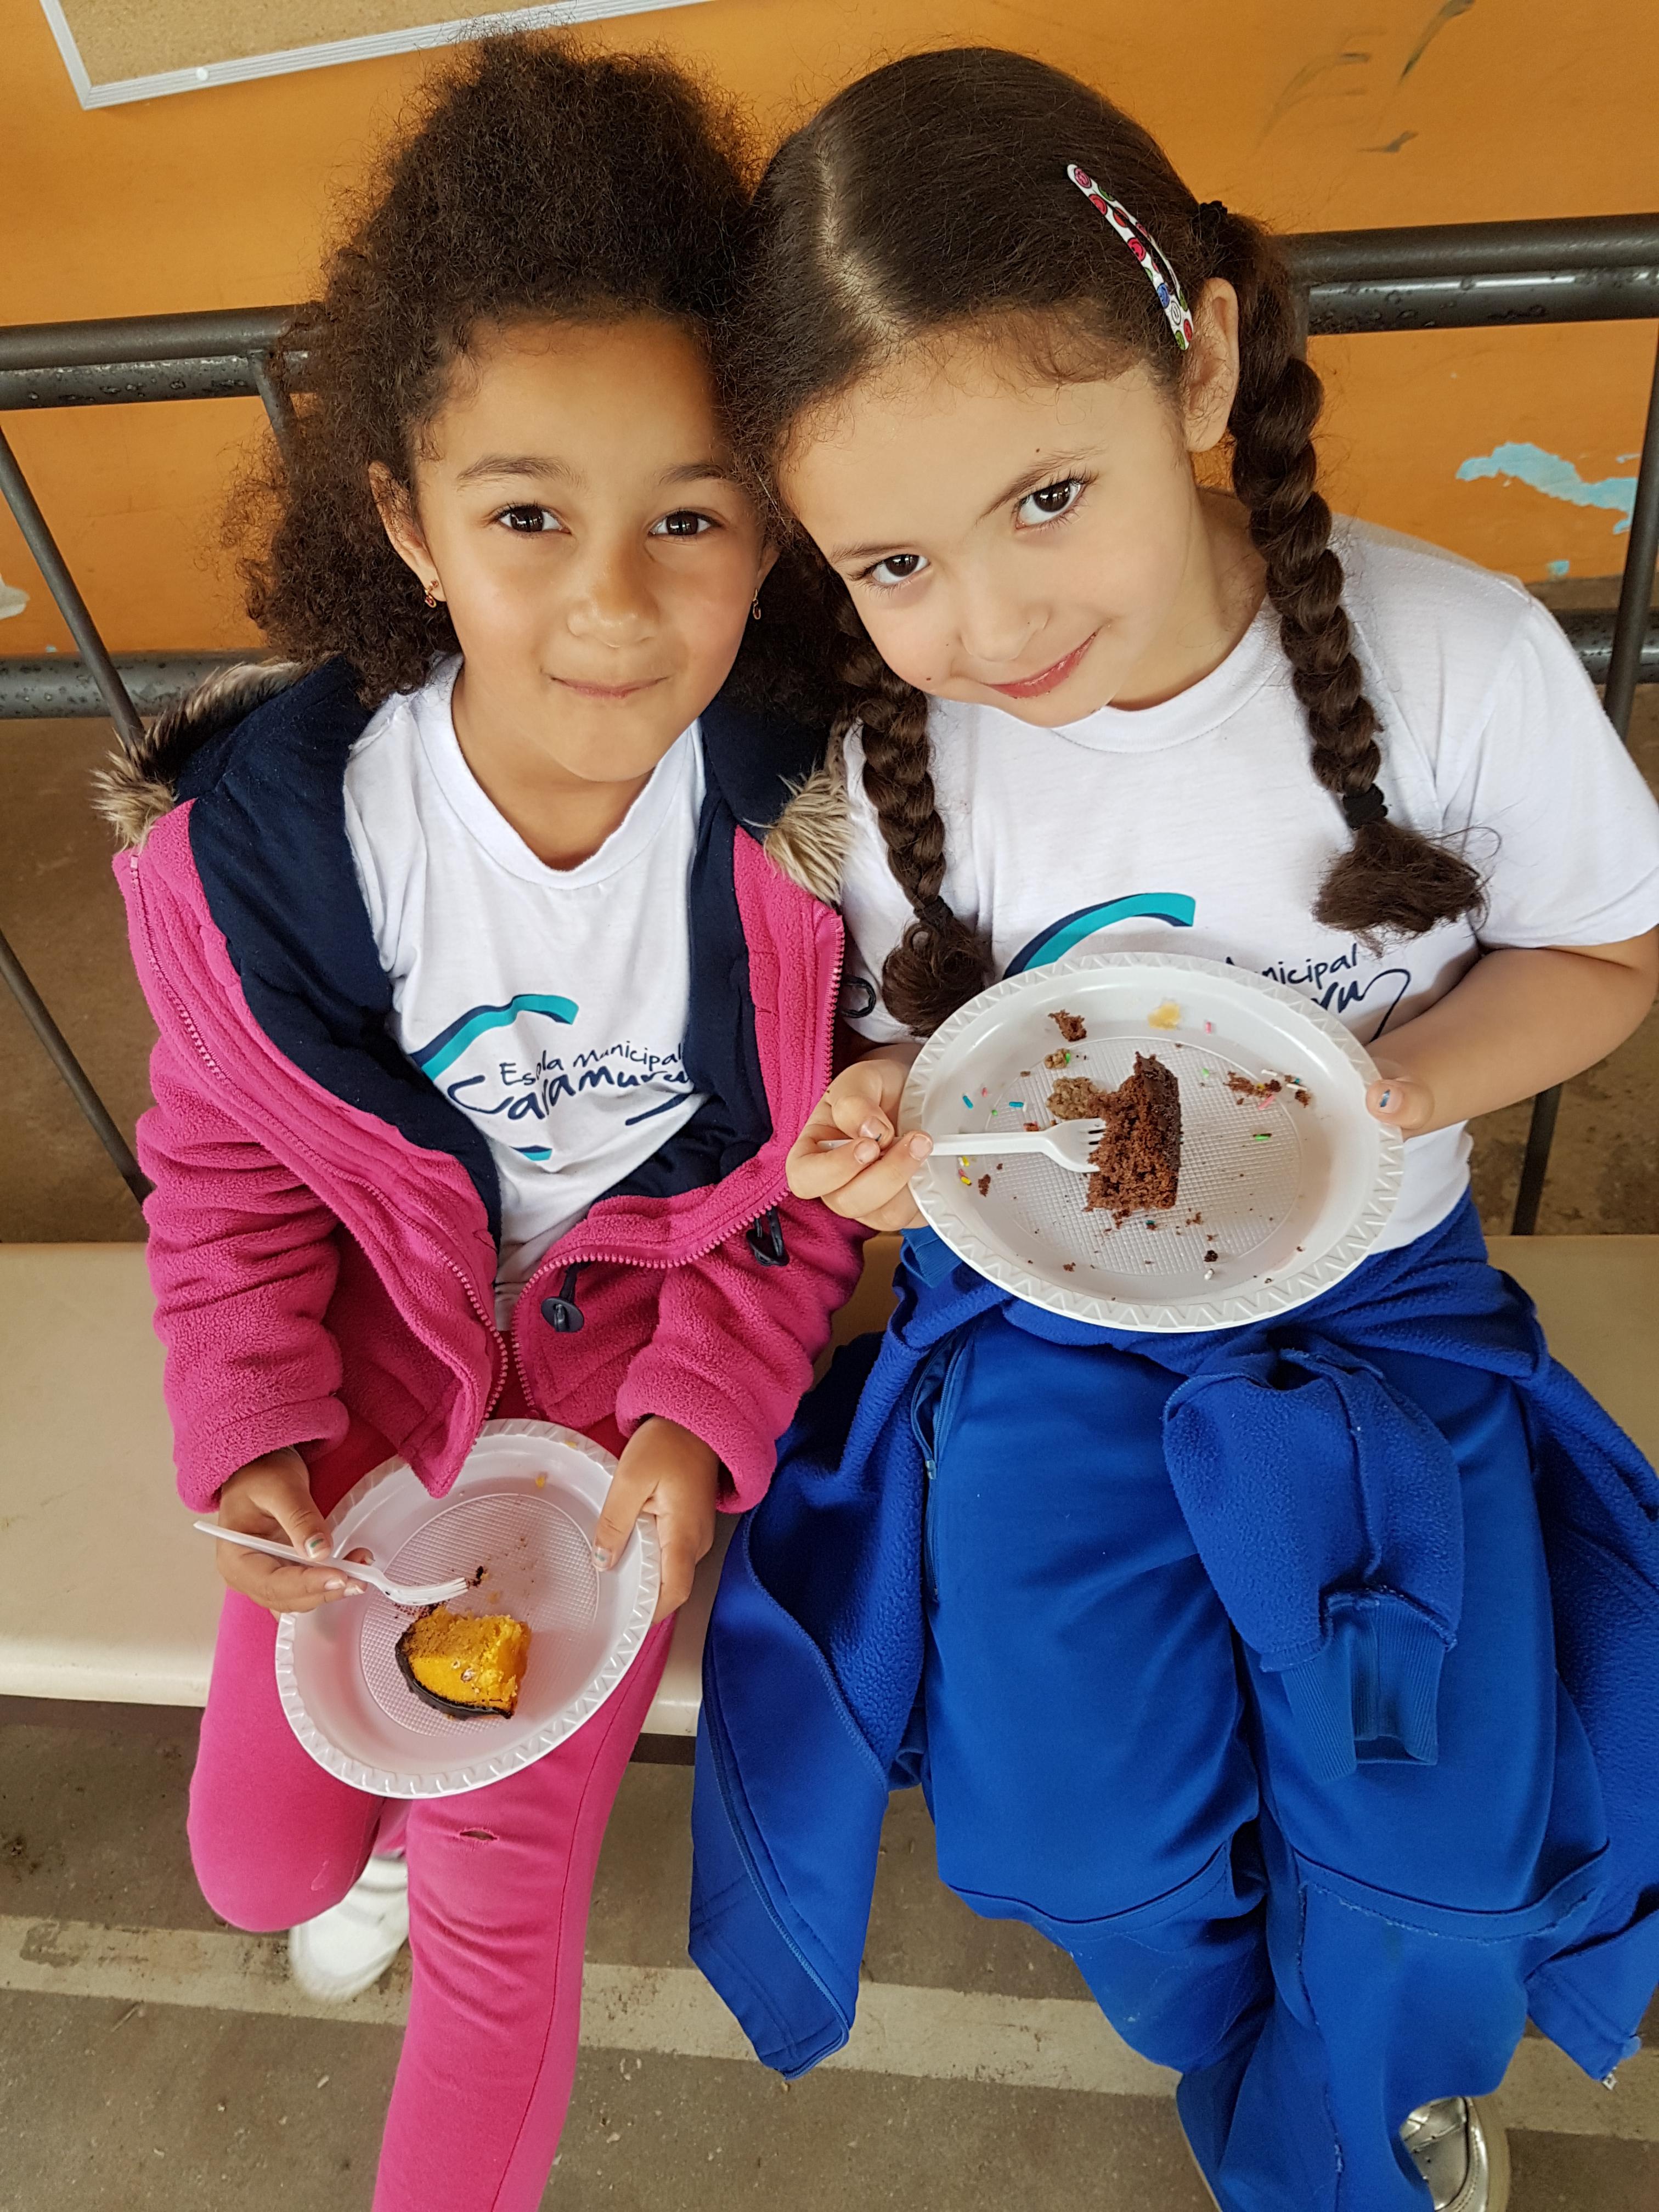 Lanche comunitário para comemorar o dia das crianças